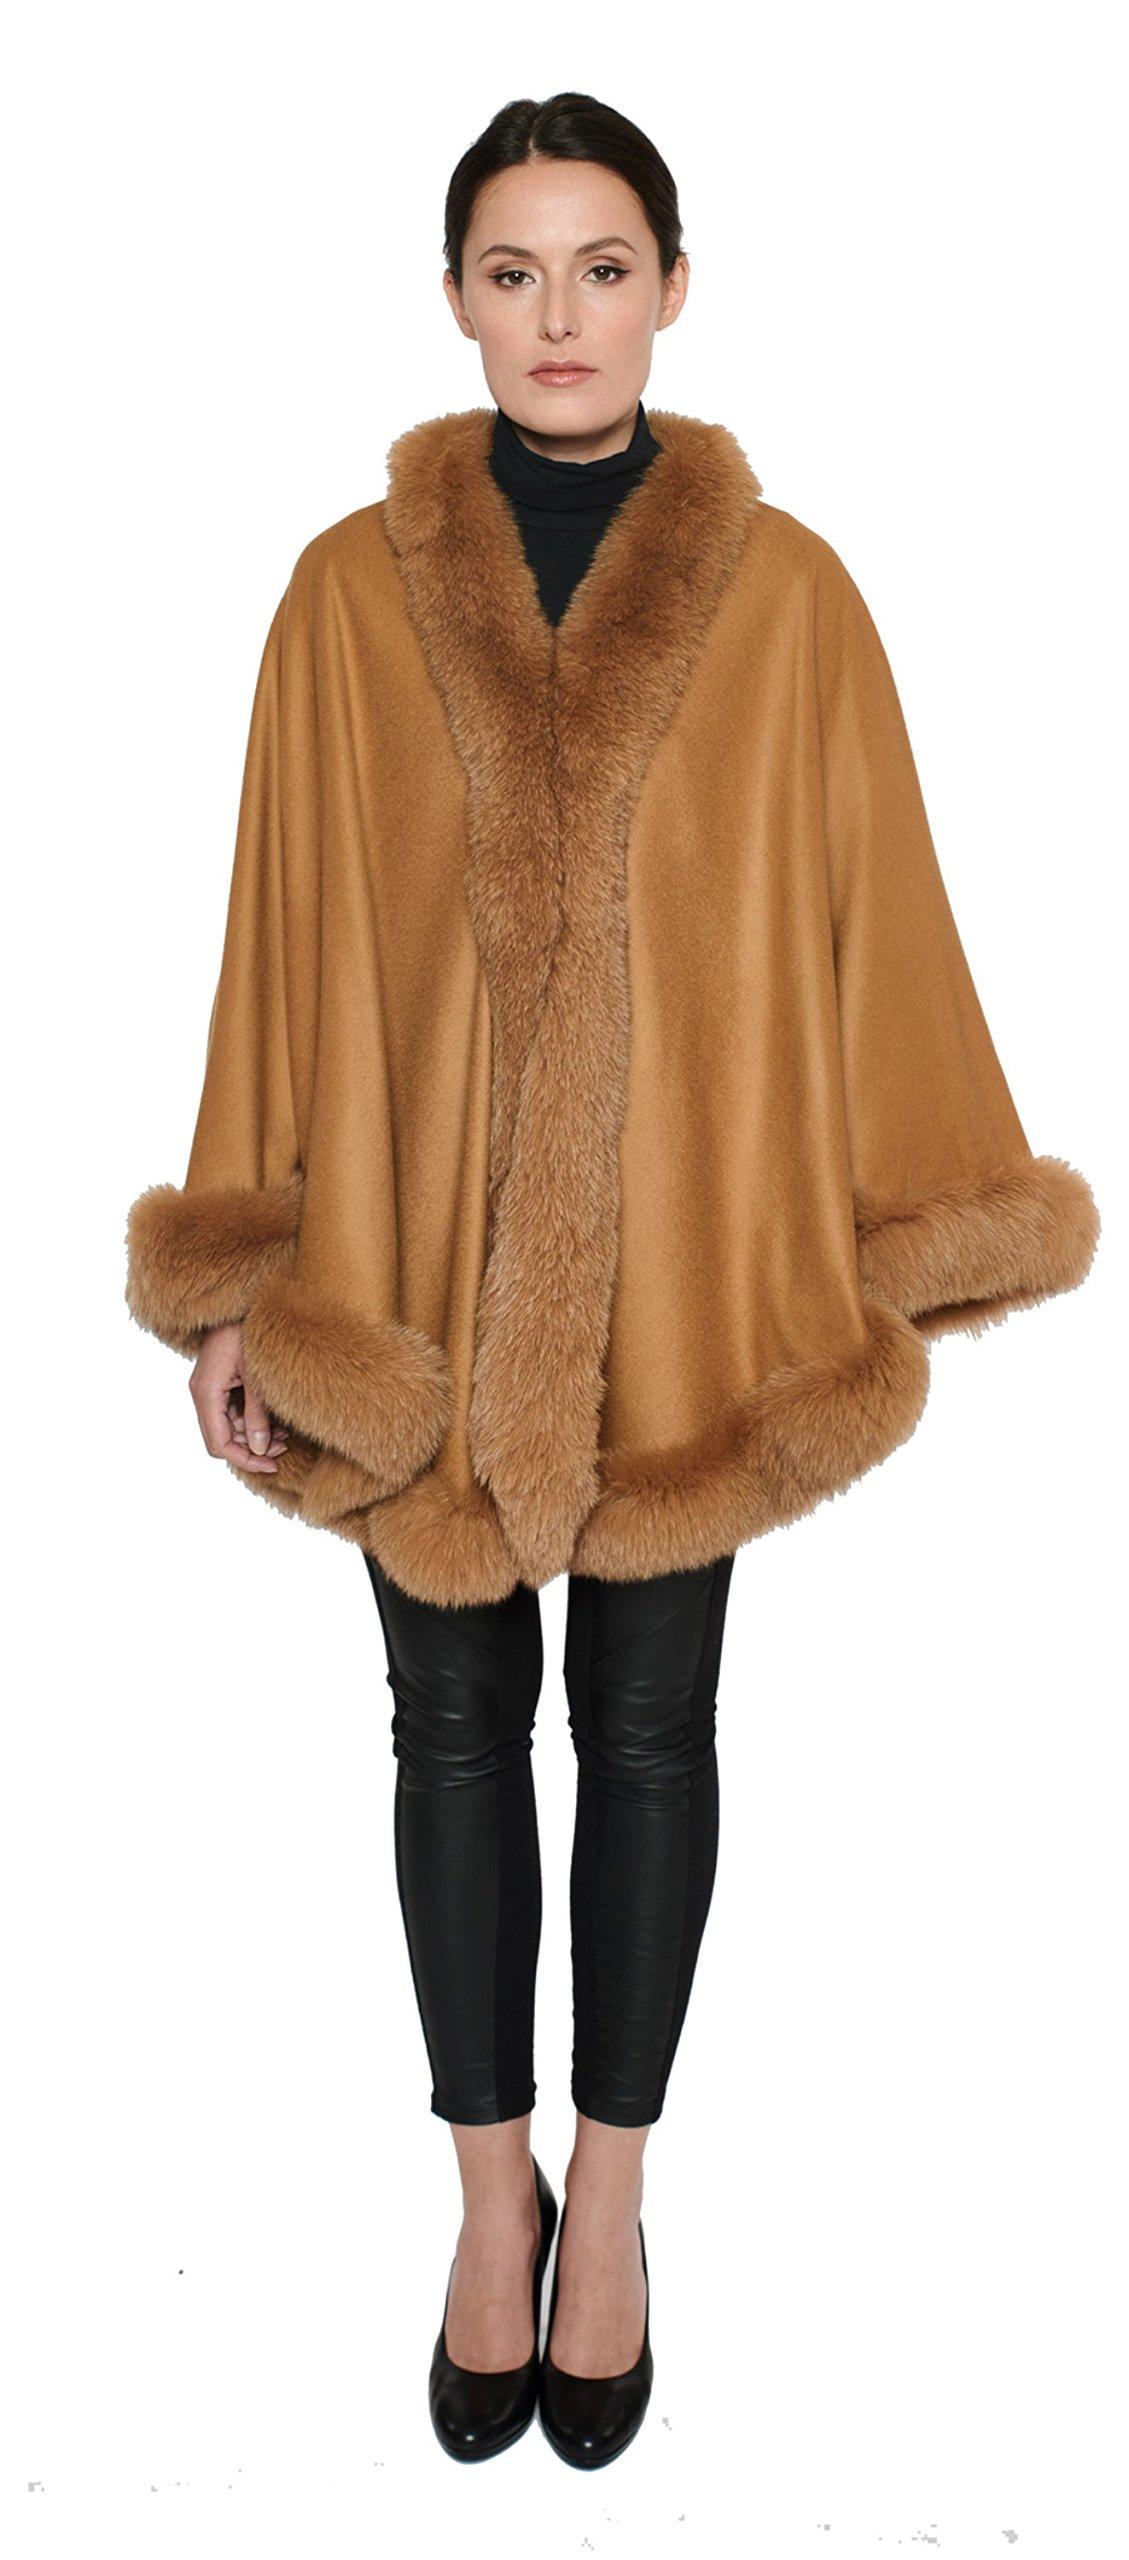 Cashmere Pashmina Group: Cashmere Cape with genuine Fox Fur Trim all around - Camel